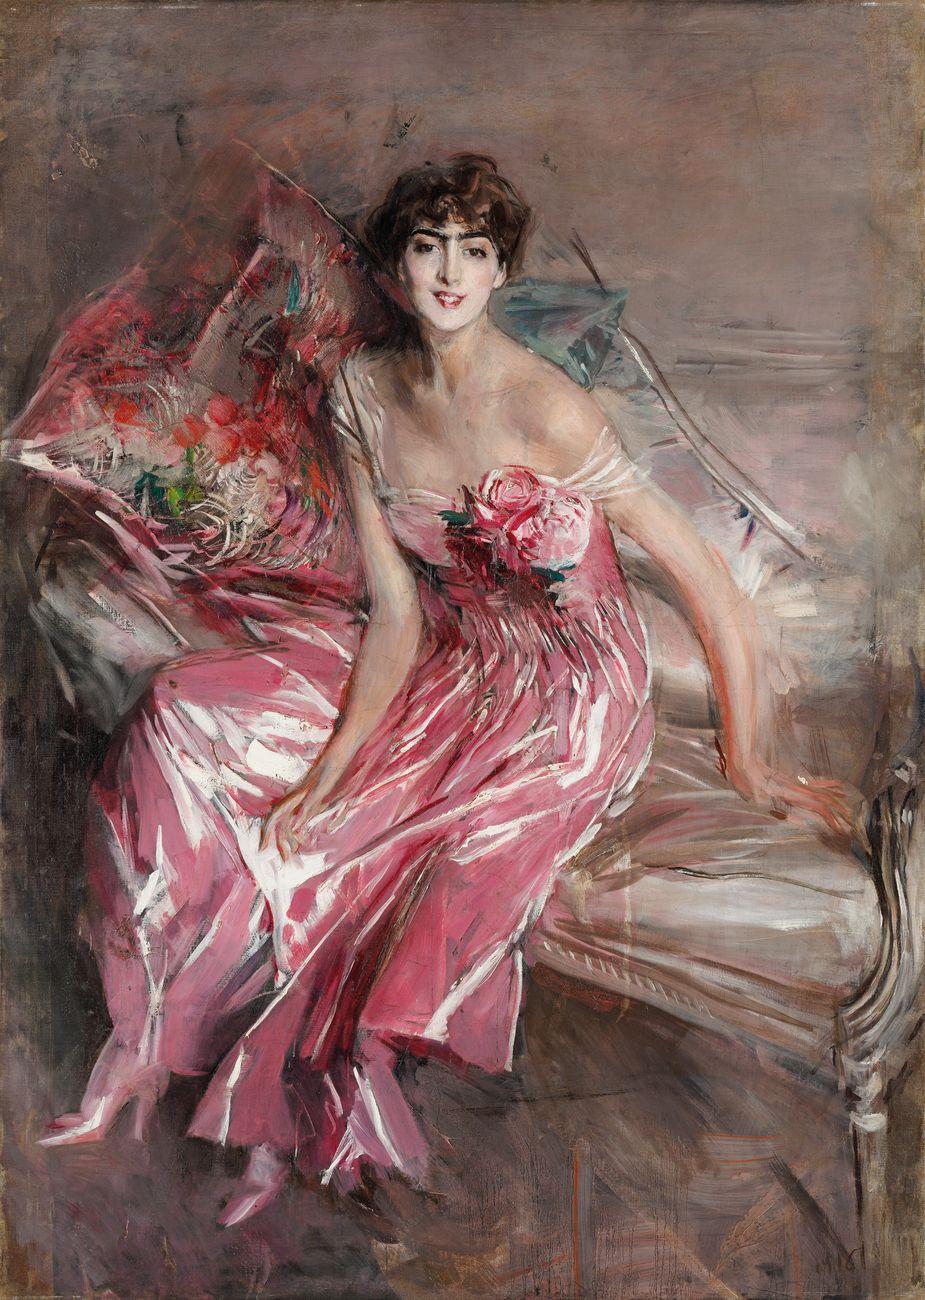 Giovanni Boldini, La signora in rosa (Ritratto di Olivia Concha de Fontecilla), 1916. Ferrara, Museo Giovanni Boldini © Gallerie d'Arte Moderna e Contemporanea, foto Tiziano Menabò